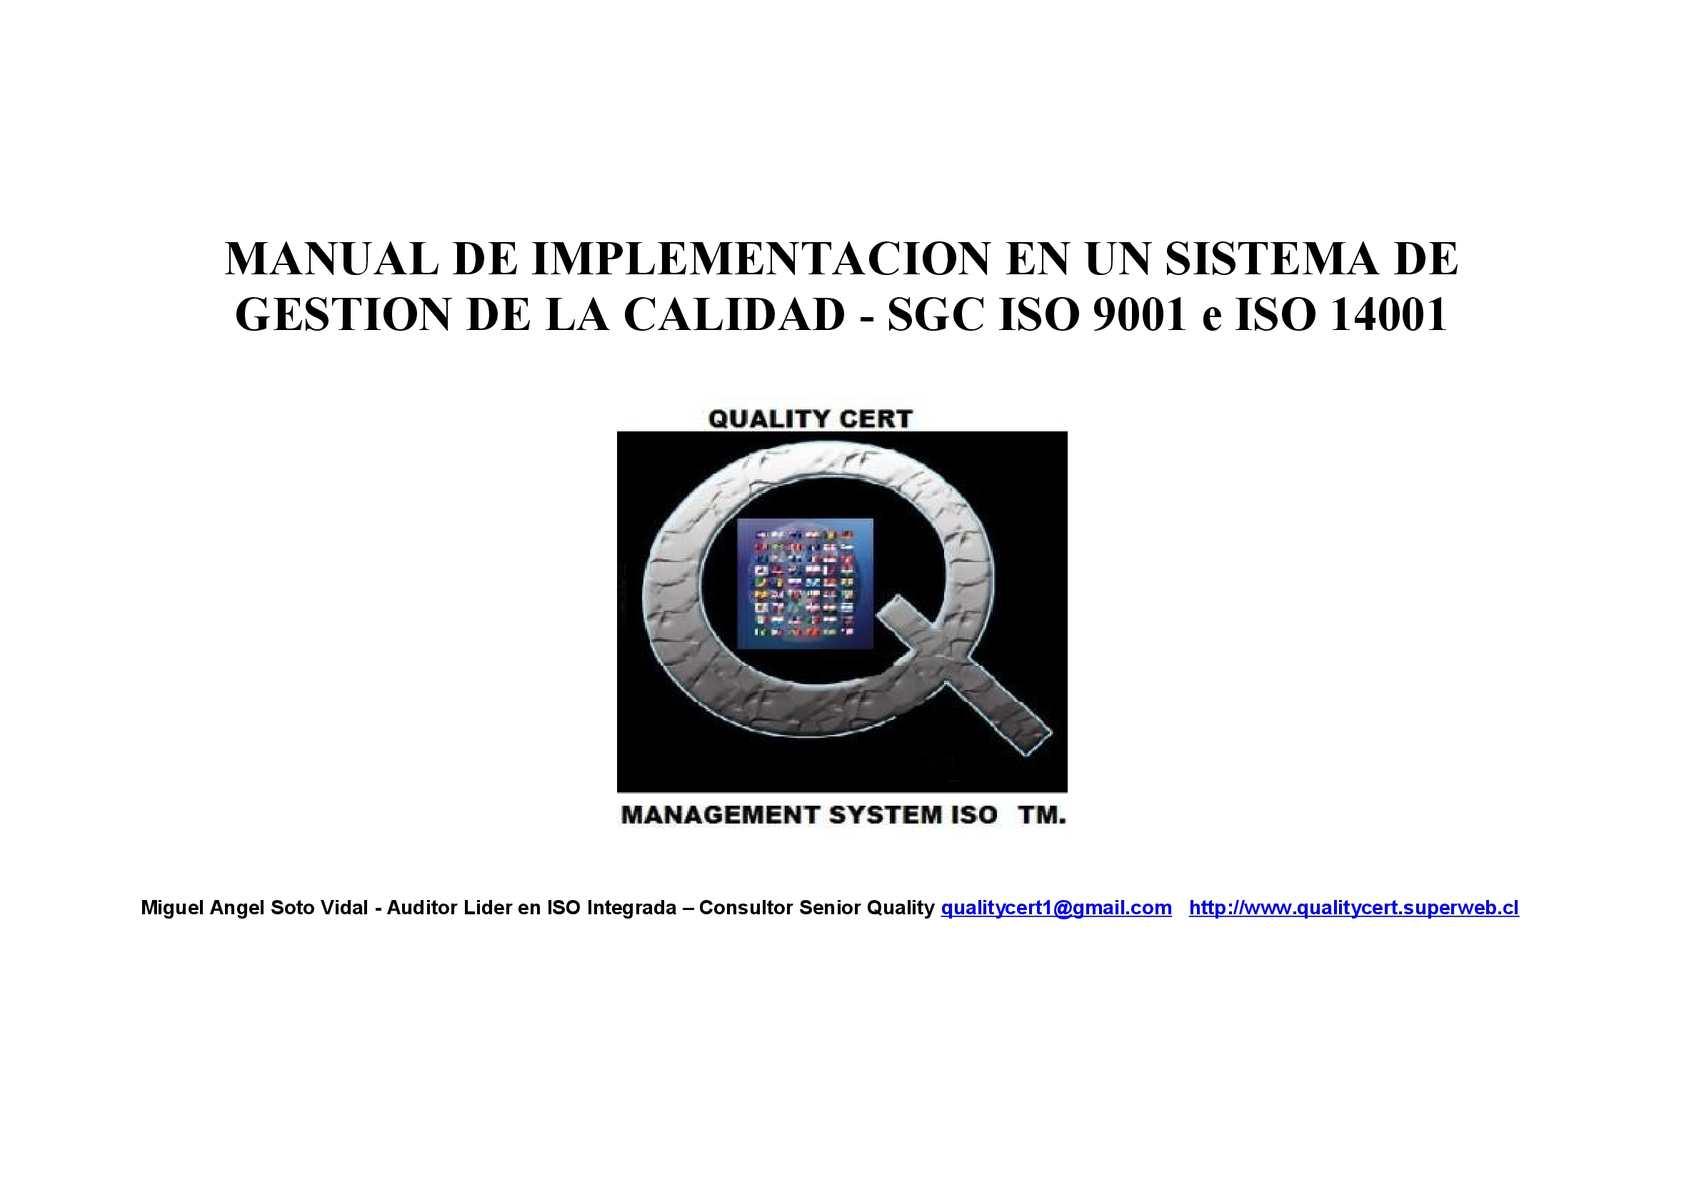 Manual de implementacion de un sistema de gestion de la calidad iso 9001 e iso 14001